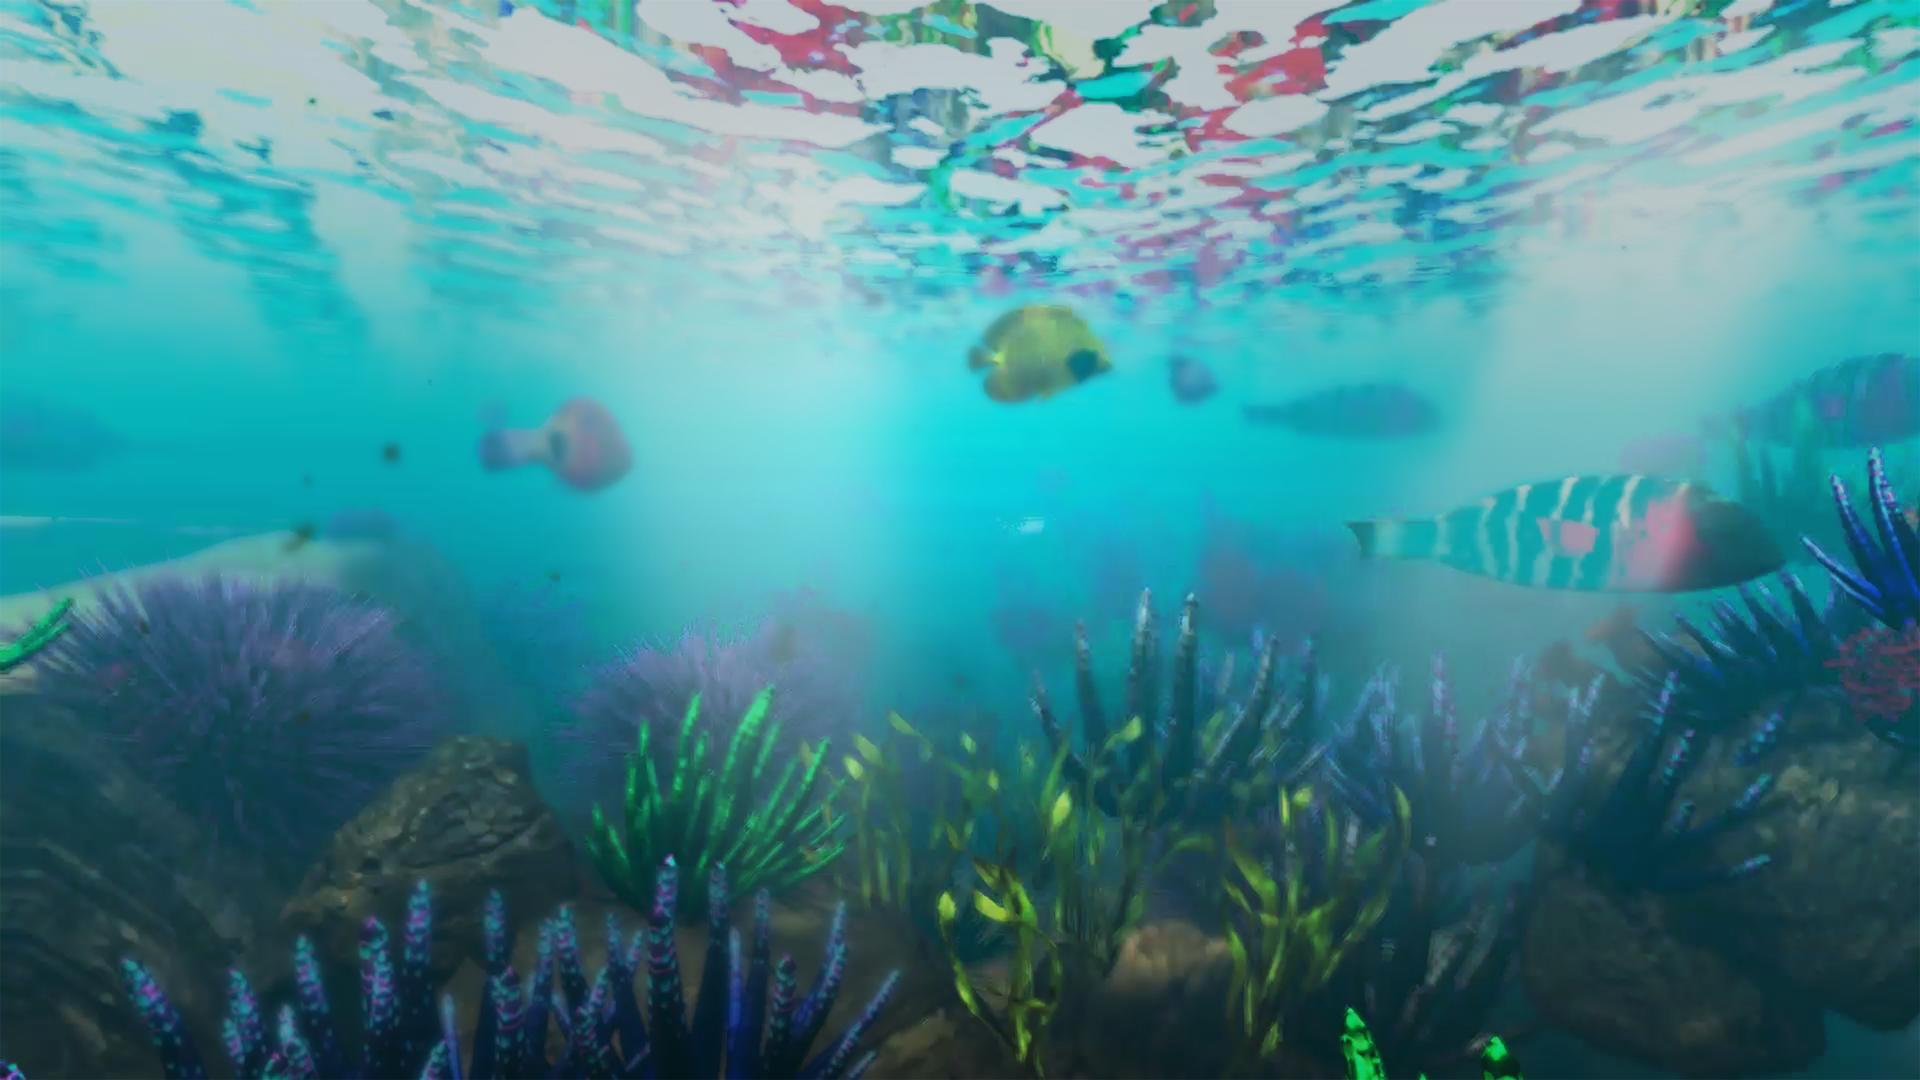 Underwater Visualisation